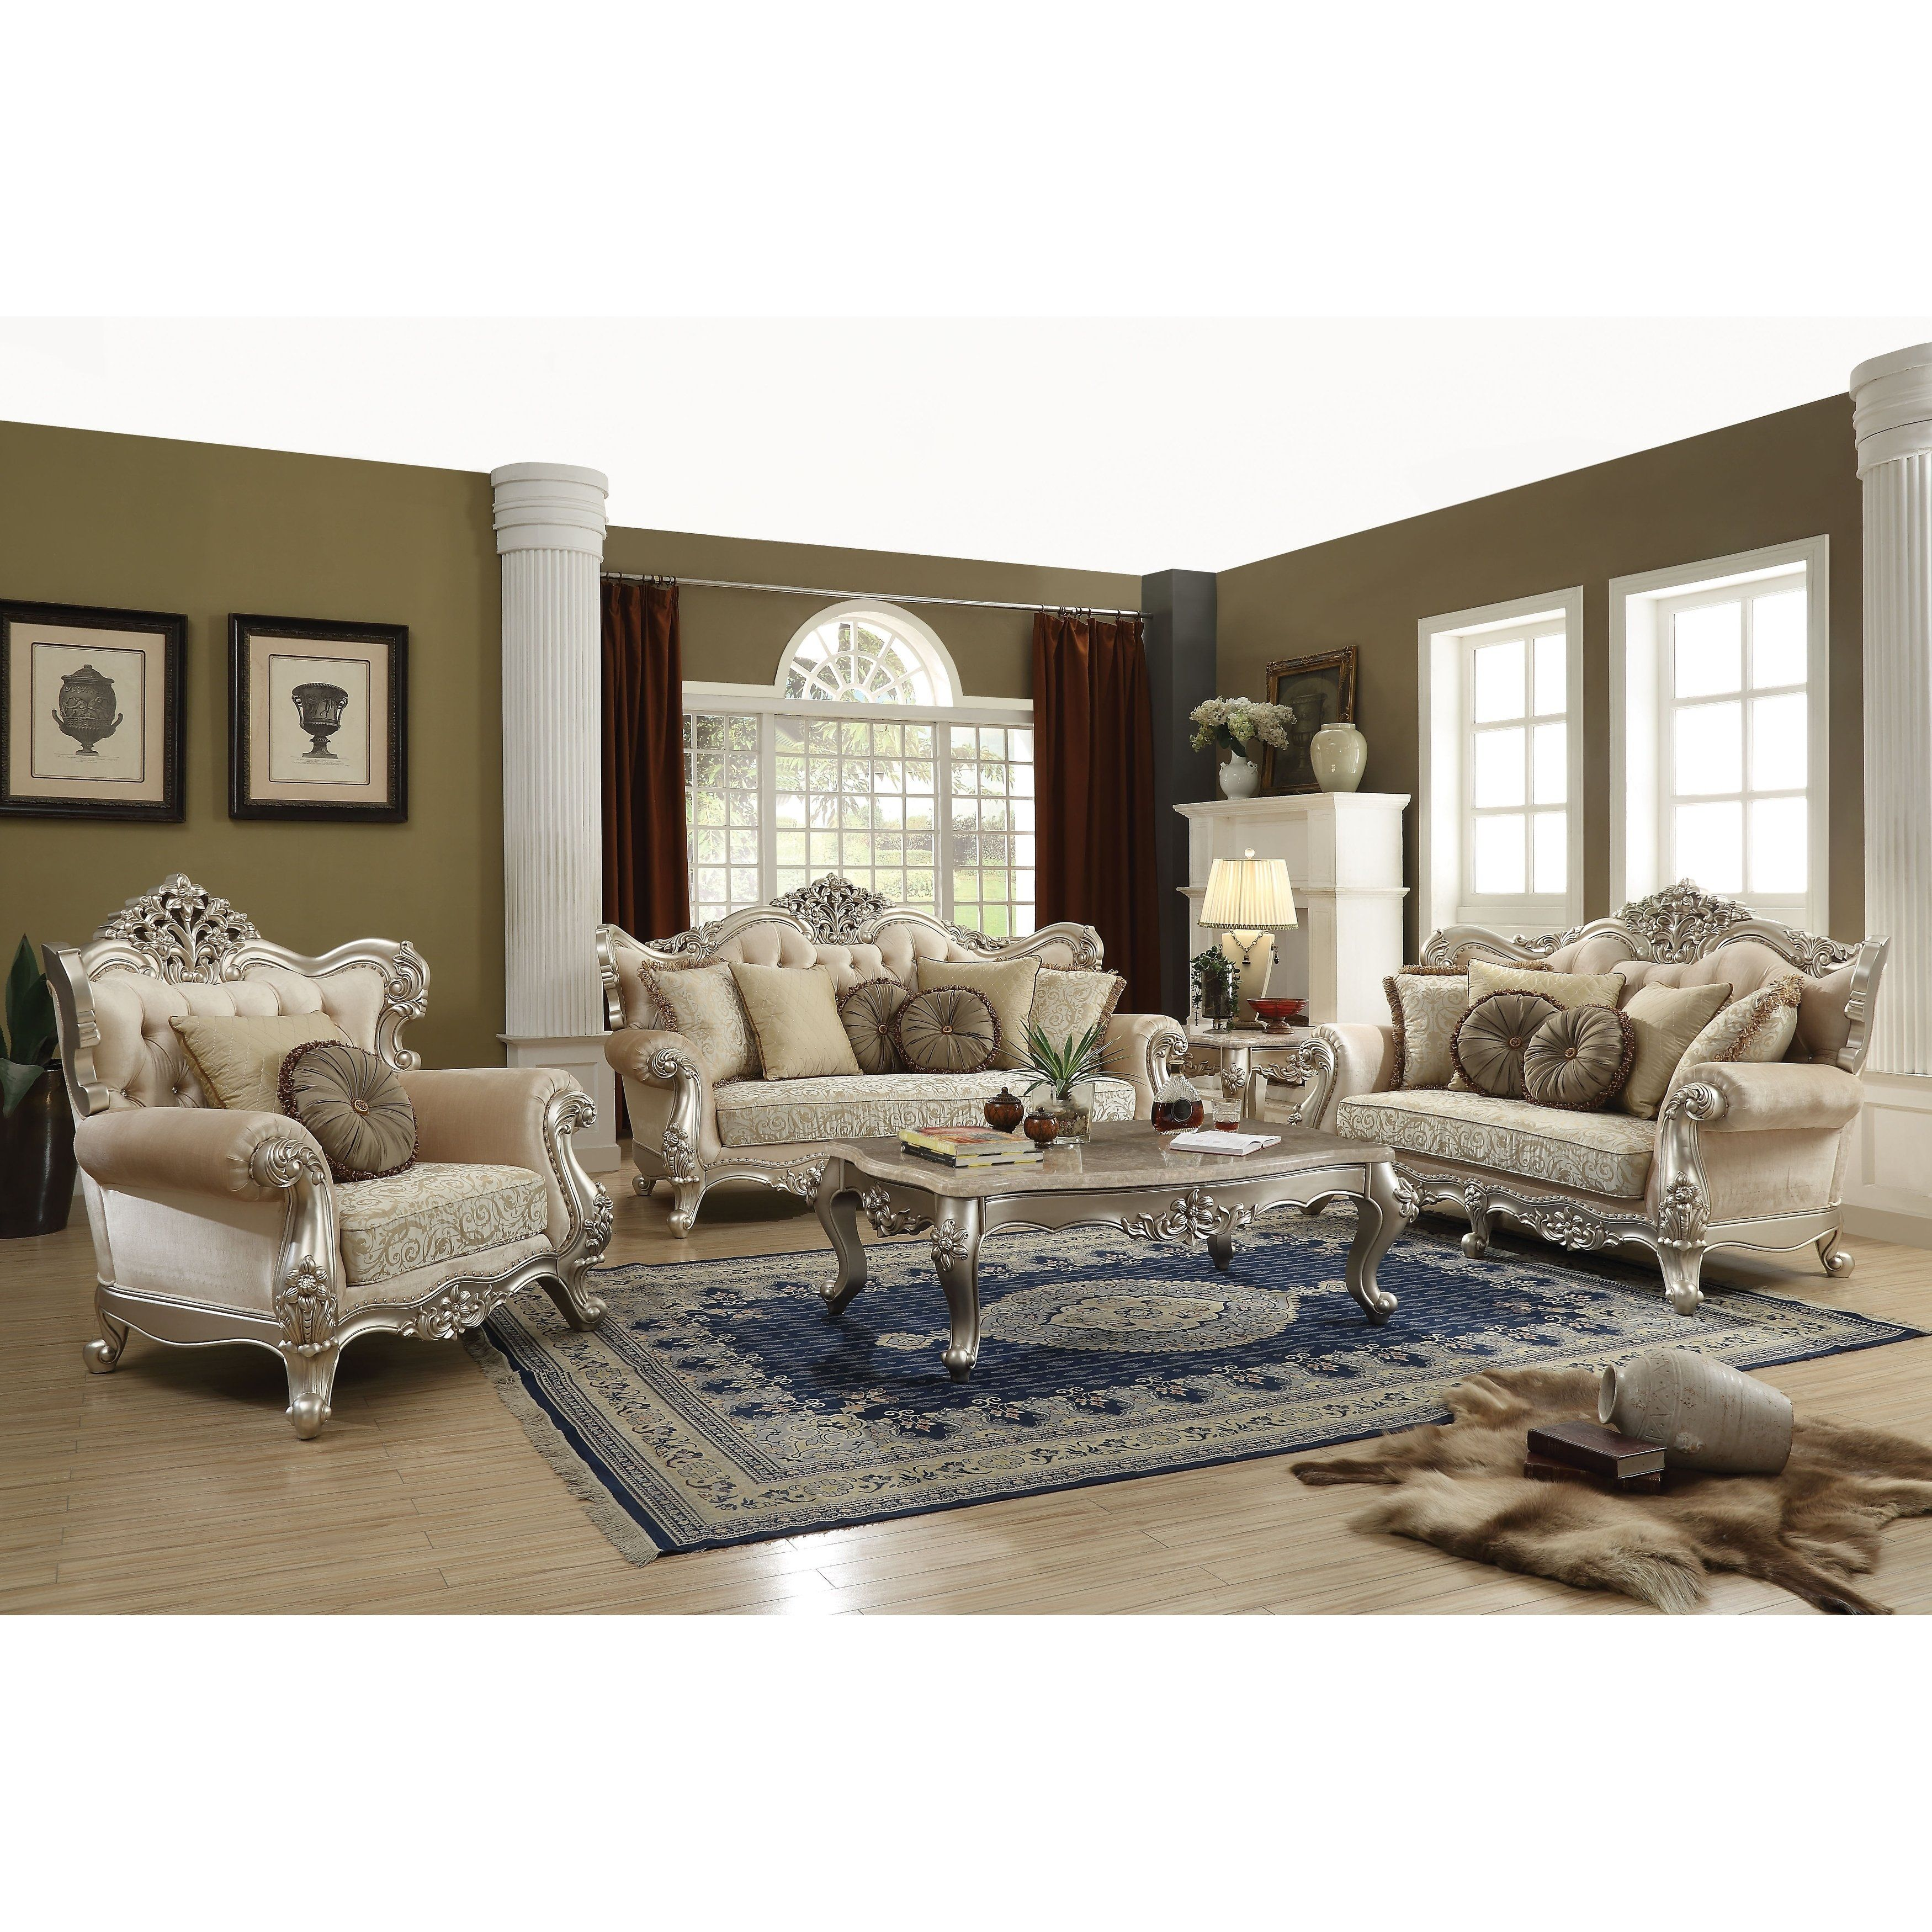 30++ Elegant living room sets info